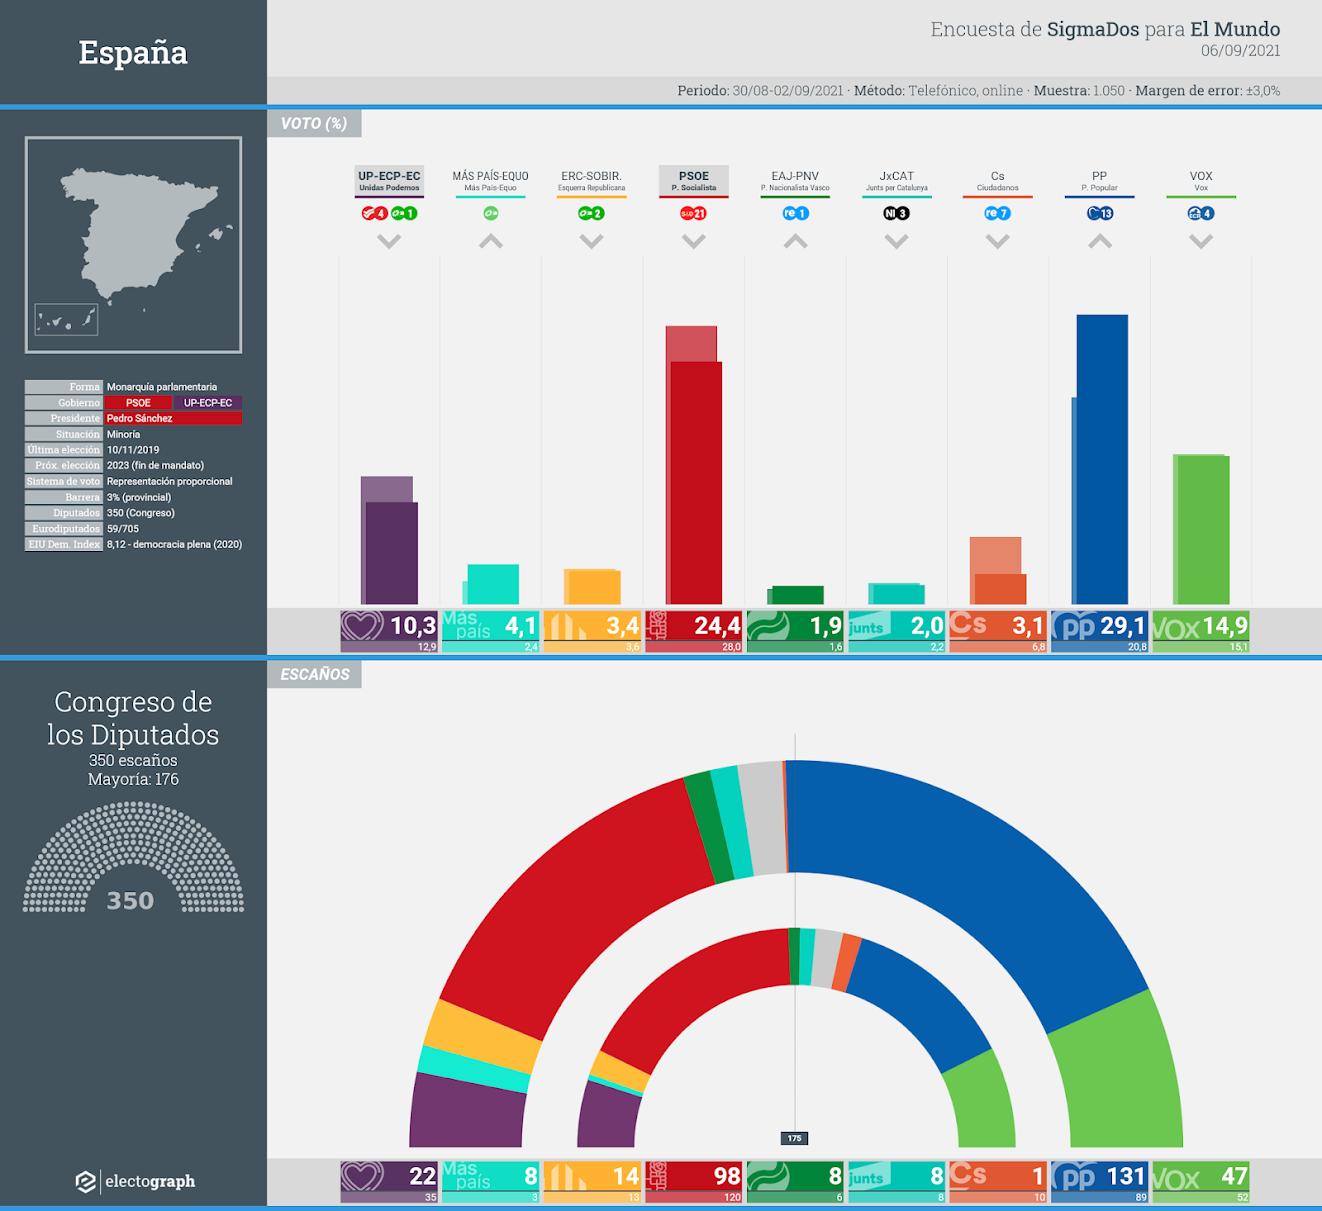 Gráfico de la encuesta para elecciones generales en España realizada por SigmaDos para El Mundo, 6 de septiembre de 2021